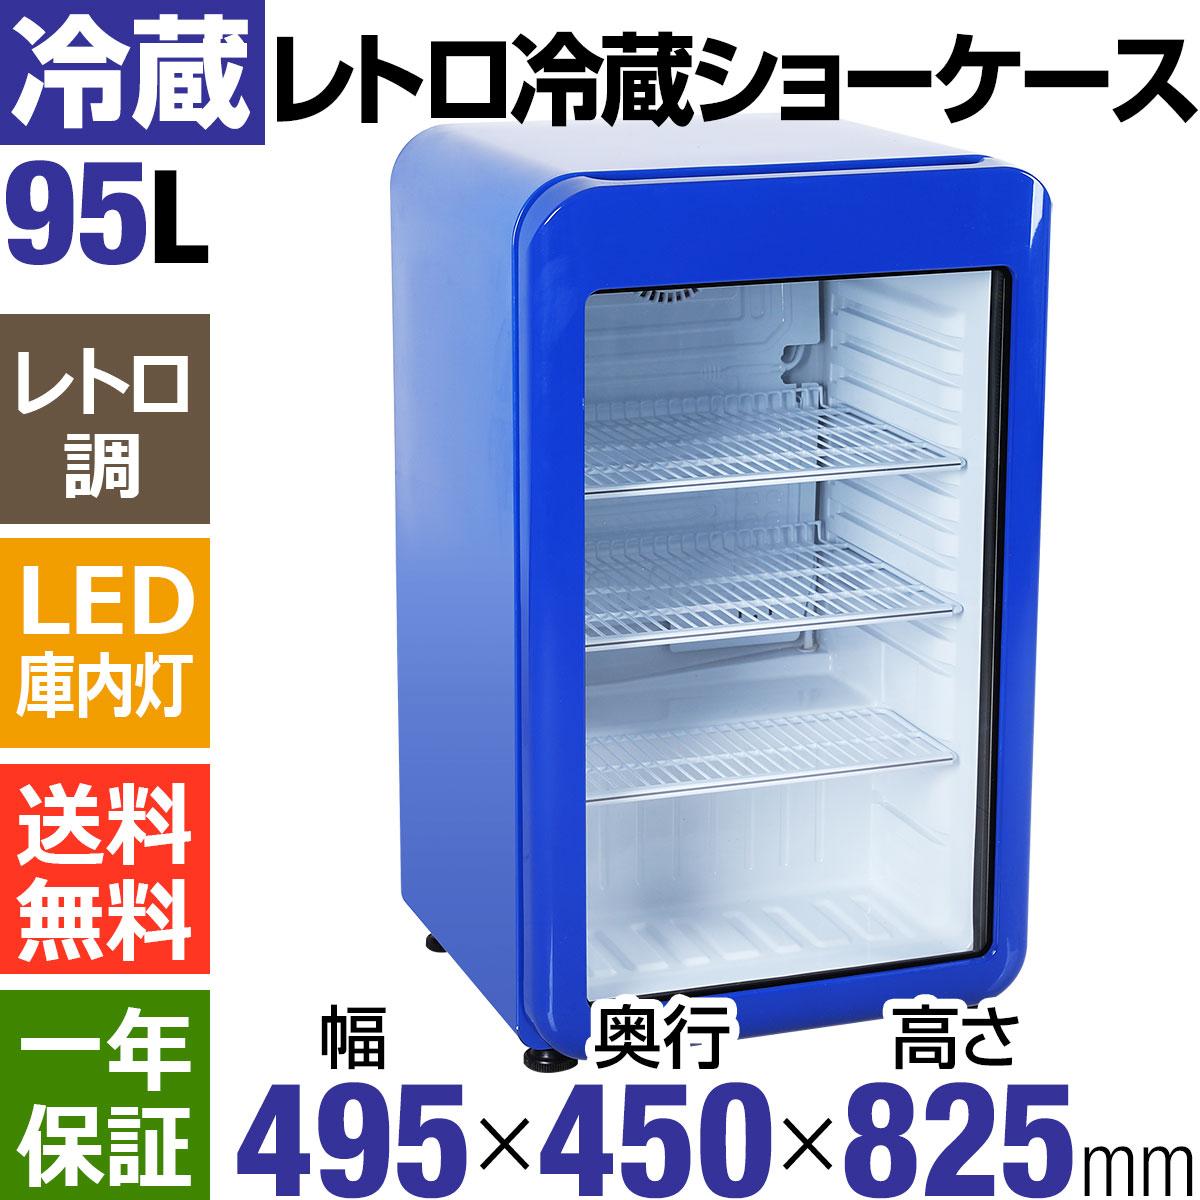 レトロ冷蔵ショーケース95L ガラス扉 ブルー【HJR-RK100BL】 LED庫内灯付き 送料無料 小型冷蔵ショーケース